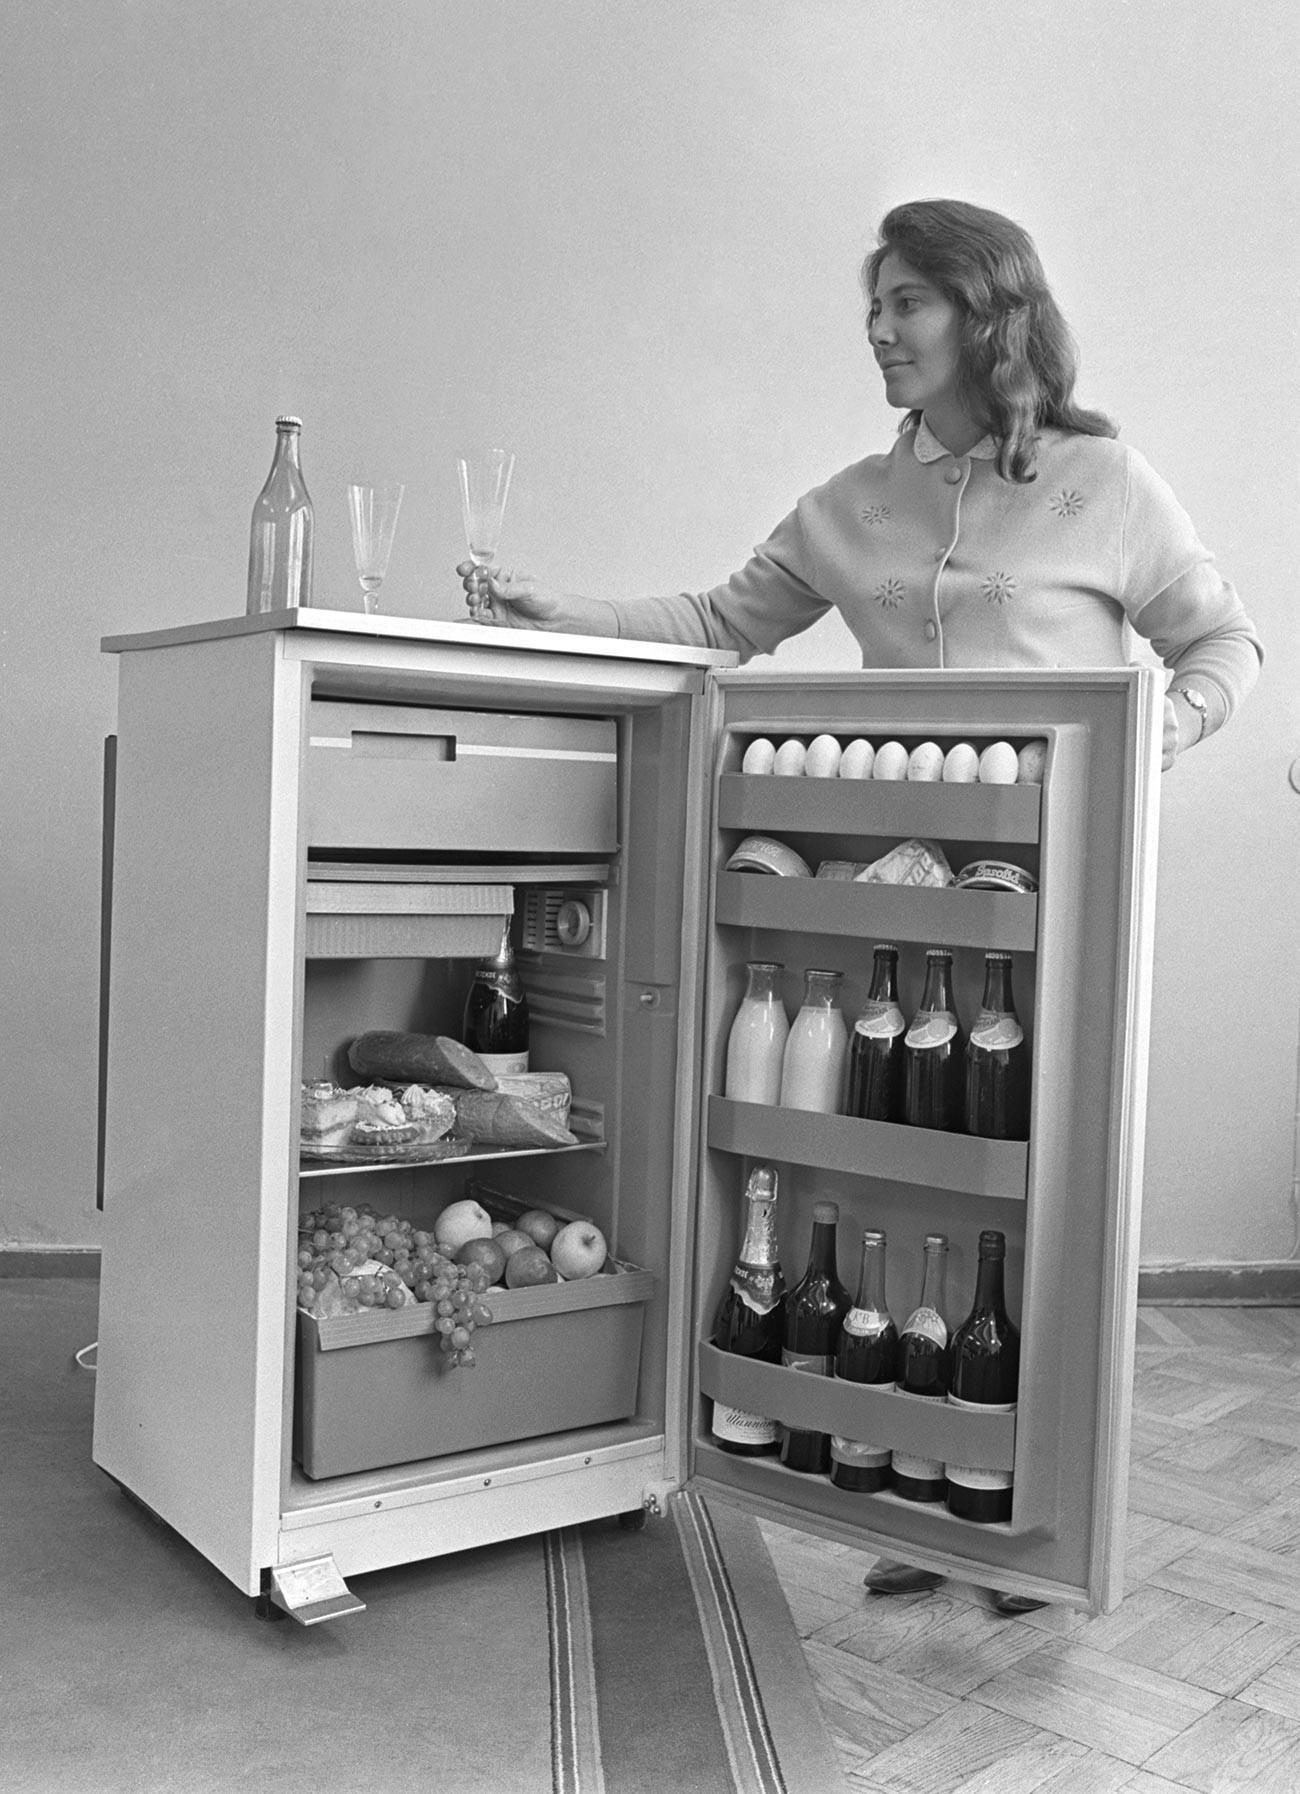 Кишиневский завод холодильников, 1970